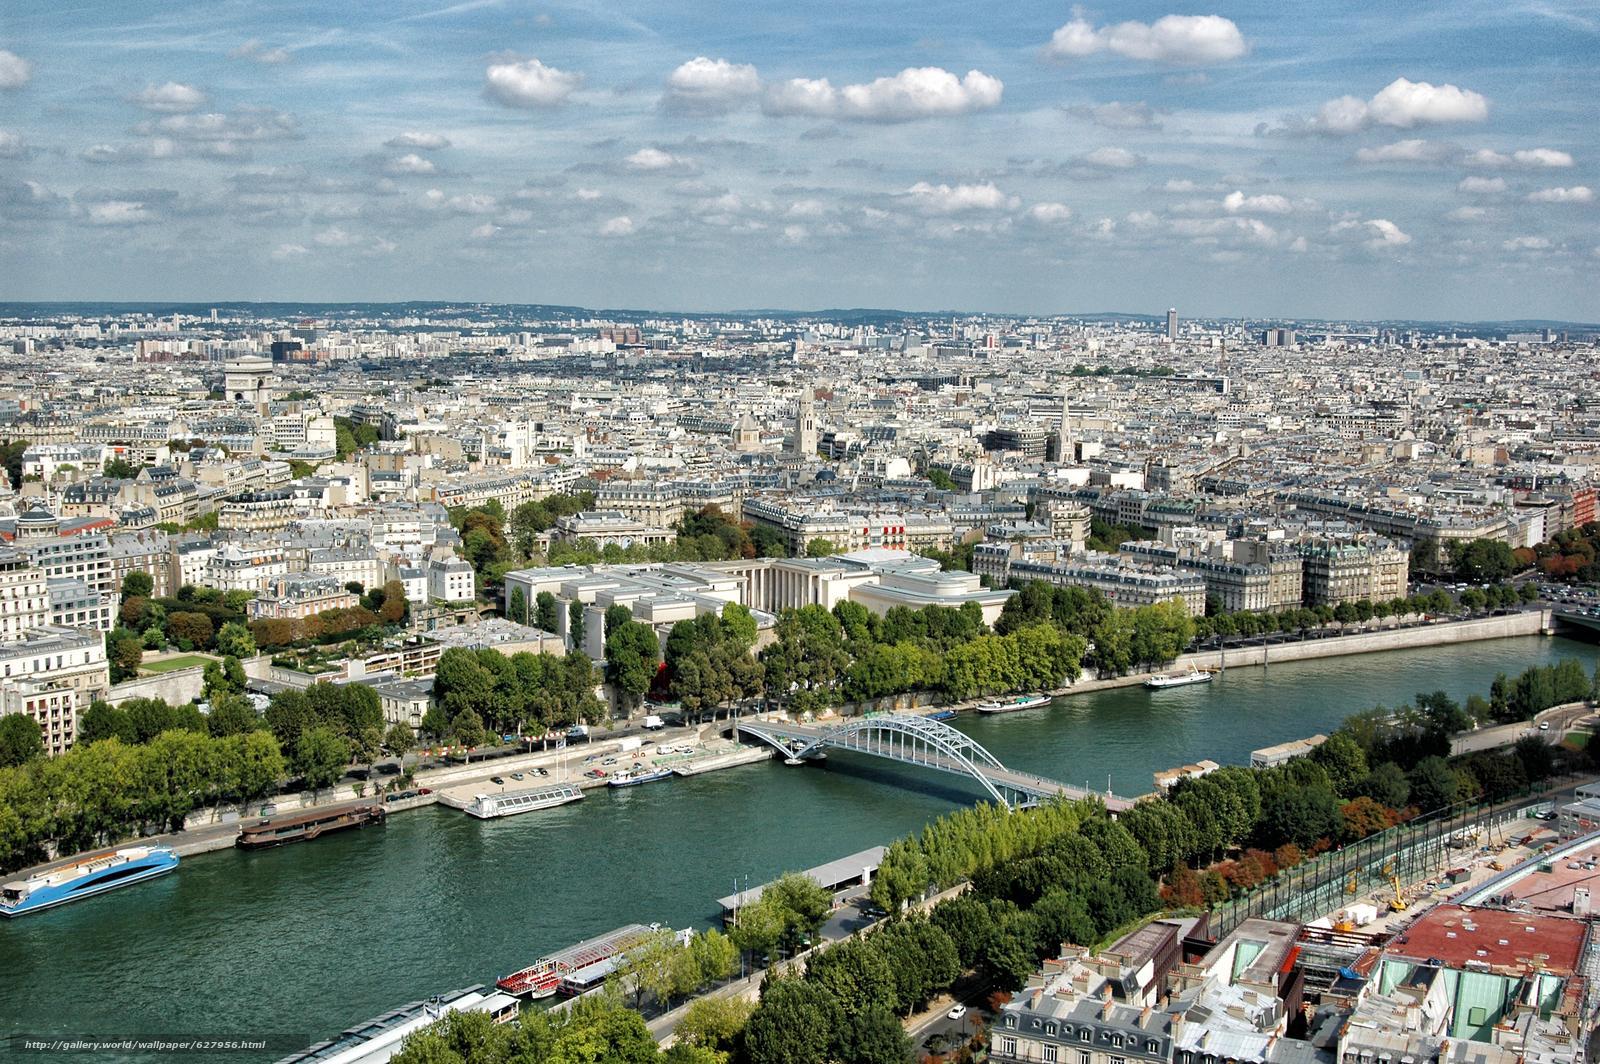 Скачать на телефон обои фото картинку на тему Paris, France, вид с верху, разширение 3008x2000